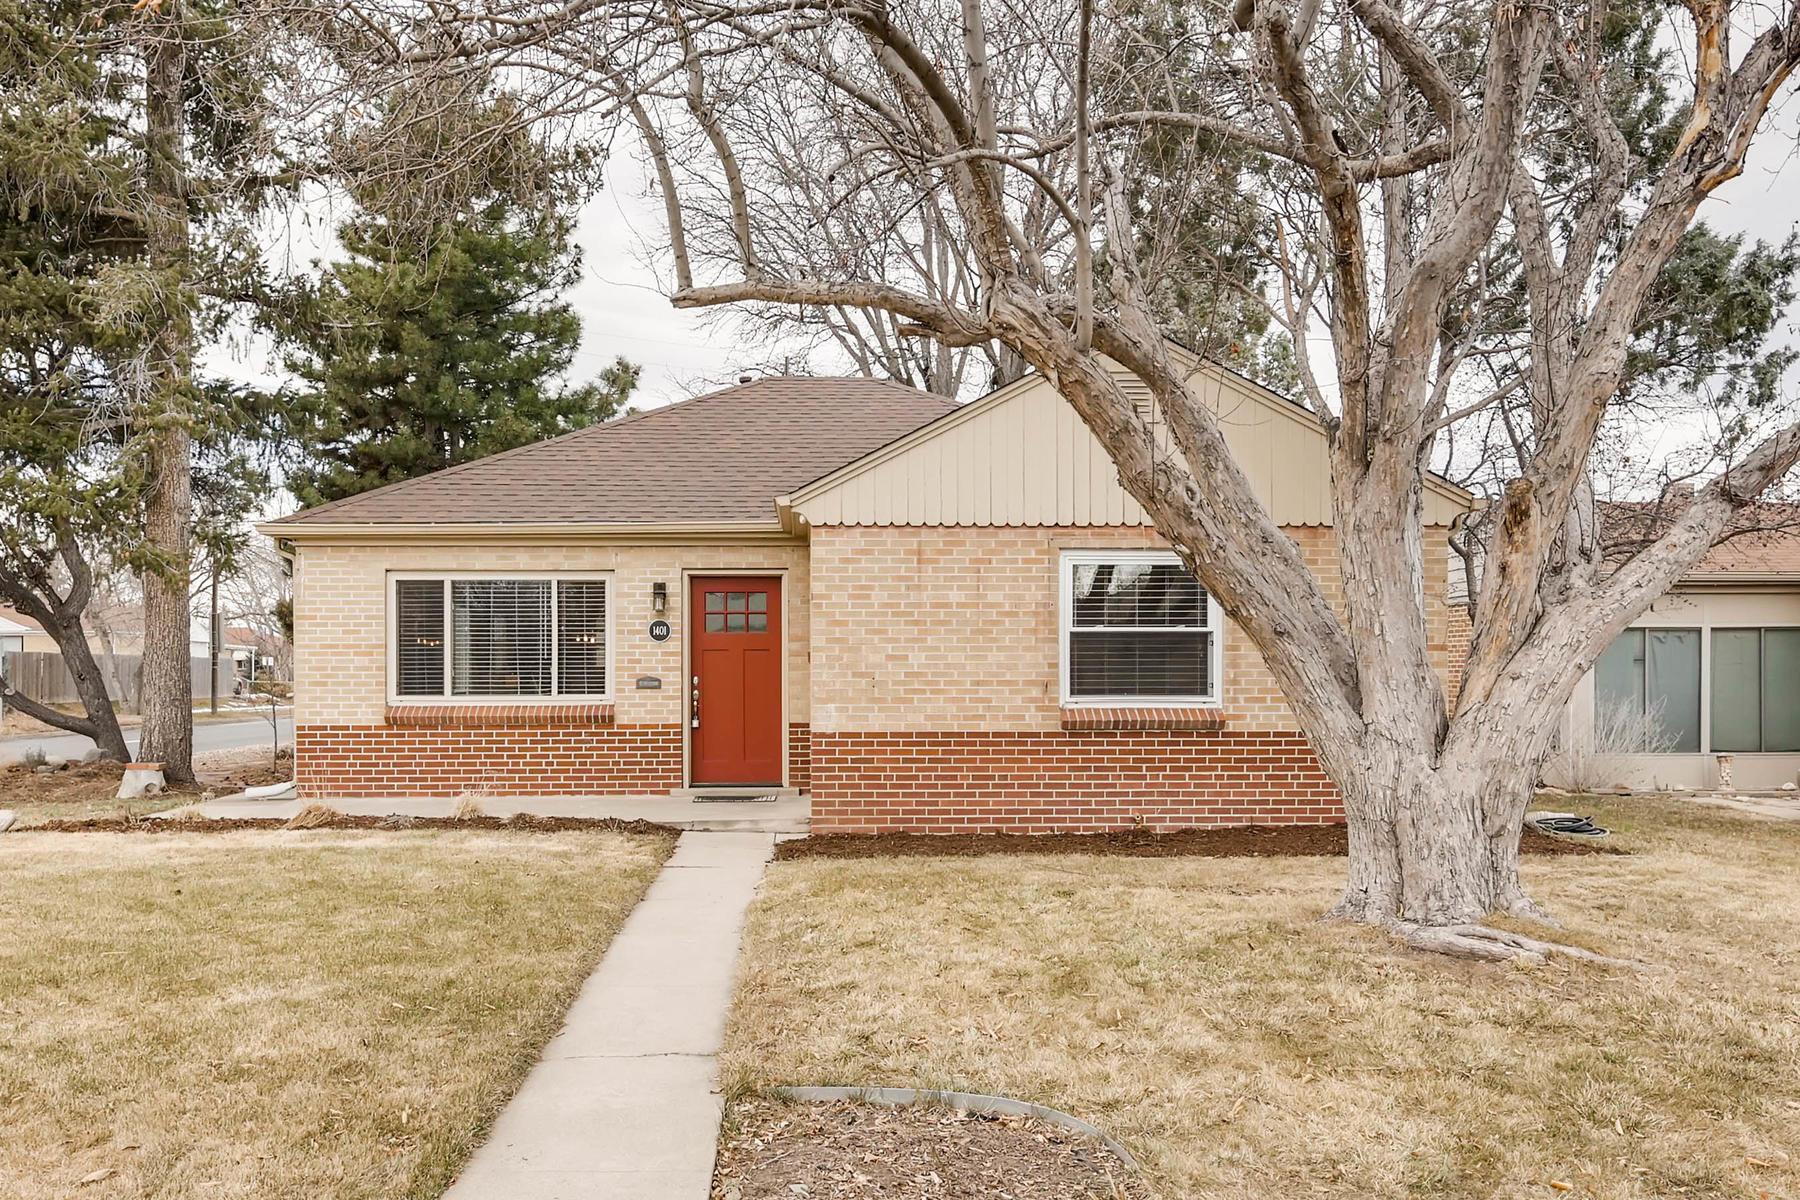 1401 Olive St Denver CO 80220-MLS_Size-001-2-Exterior Front-1800x1200-72dpi.jpg